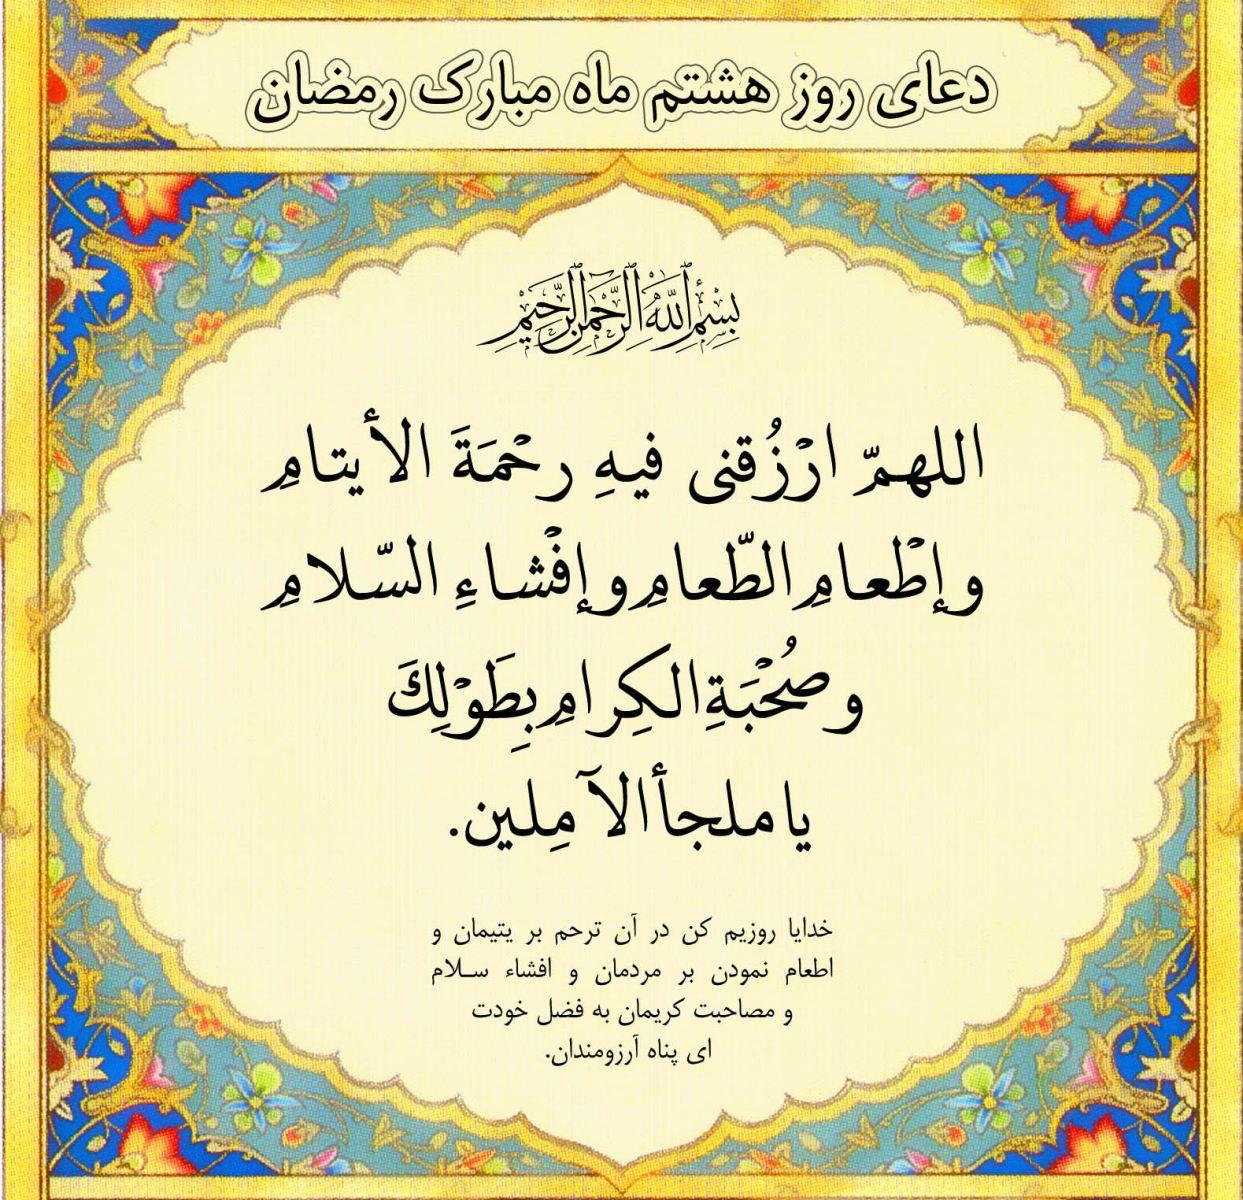 نتیجه تصویری برای دعای روز هشتم ماه رمضان